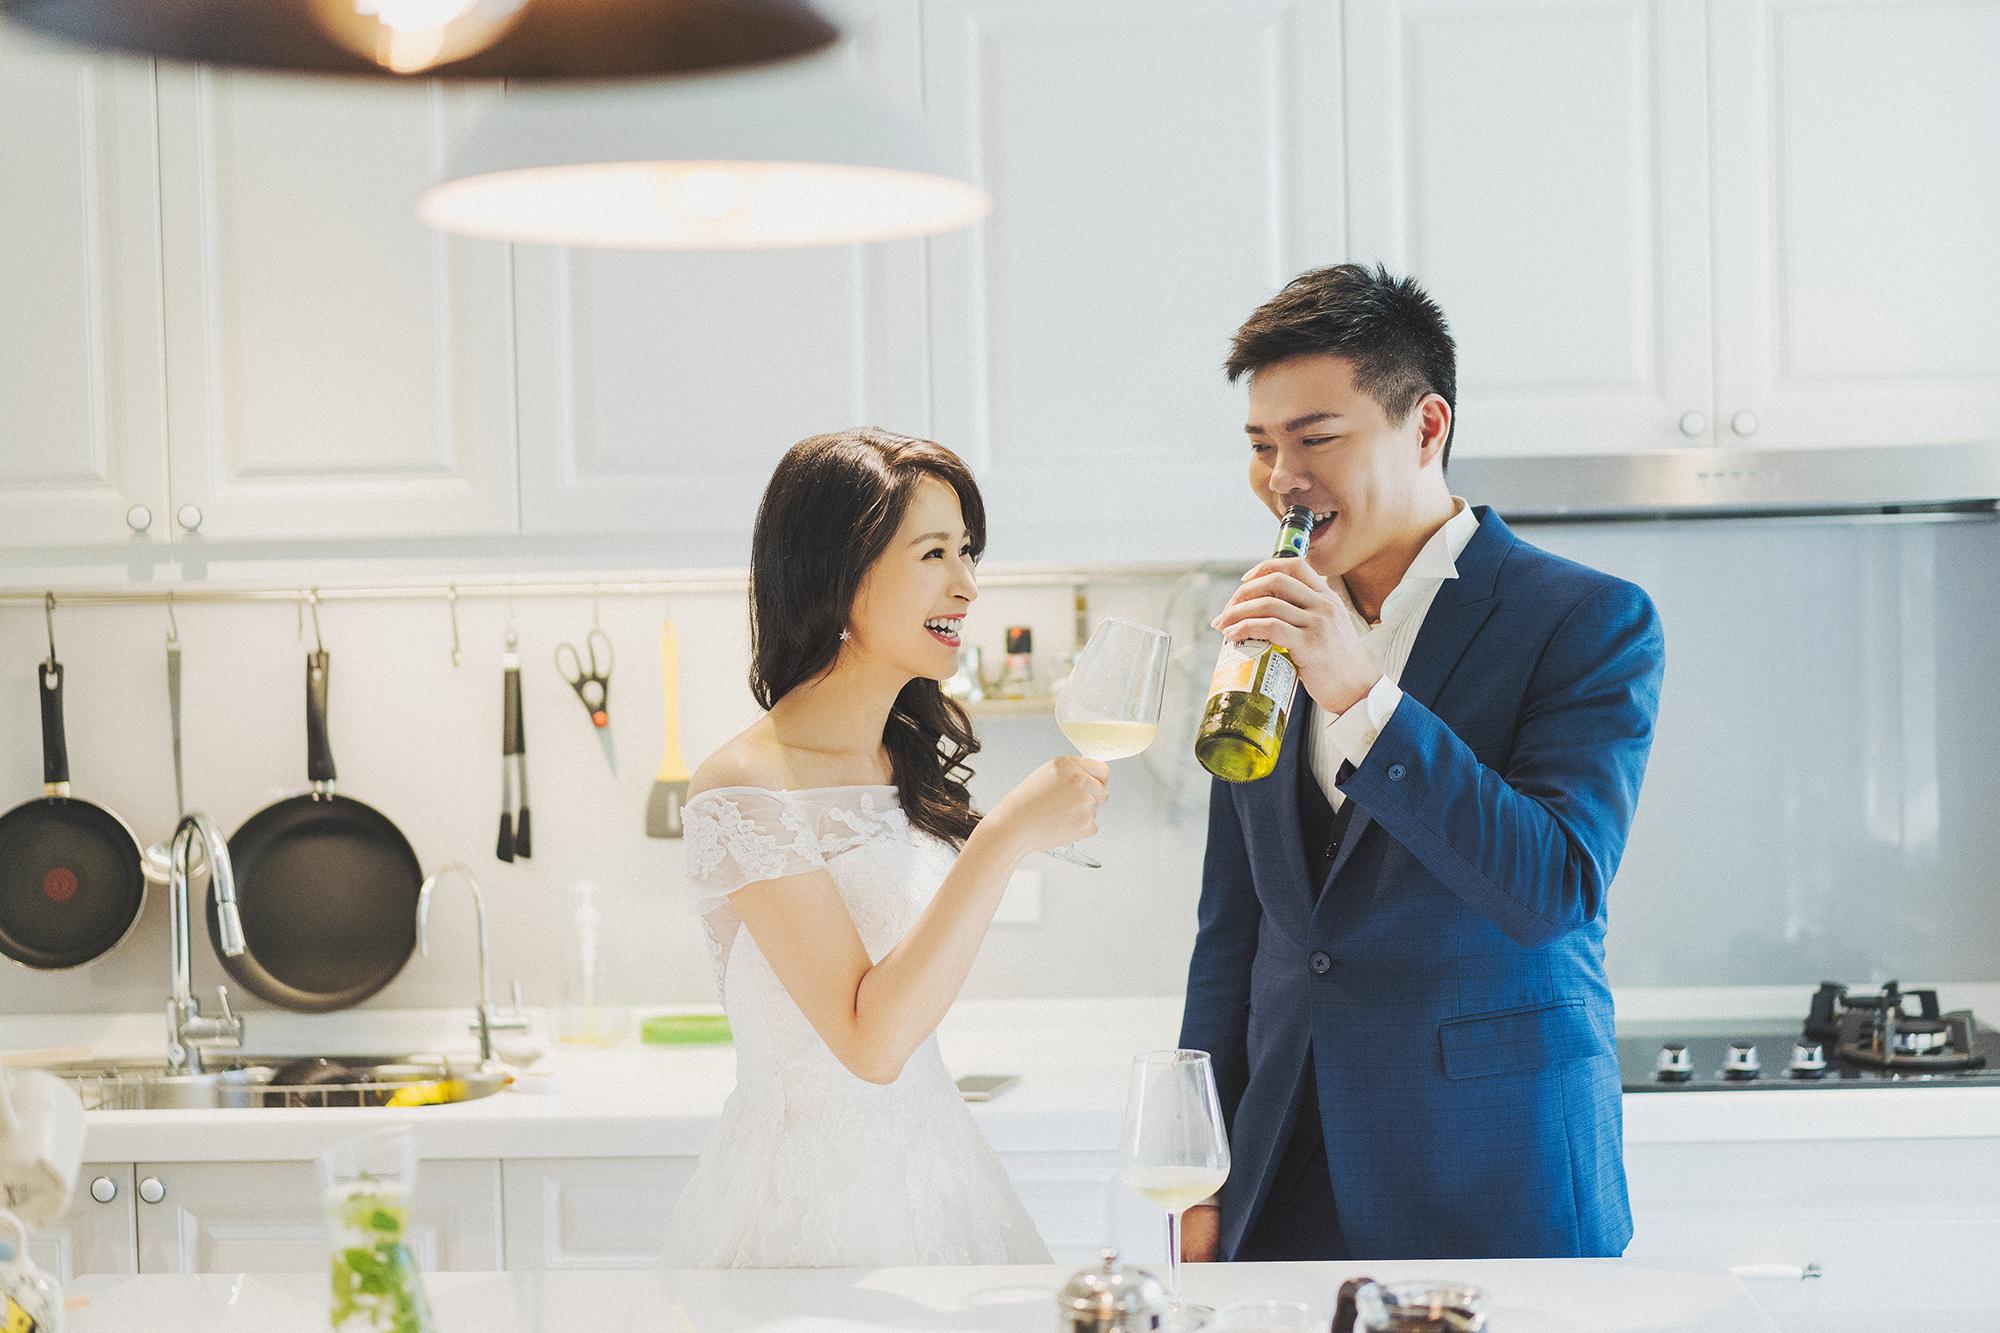 ,婚紗攝影,室內婚紗,婚紗,PURE婚攝